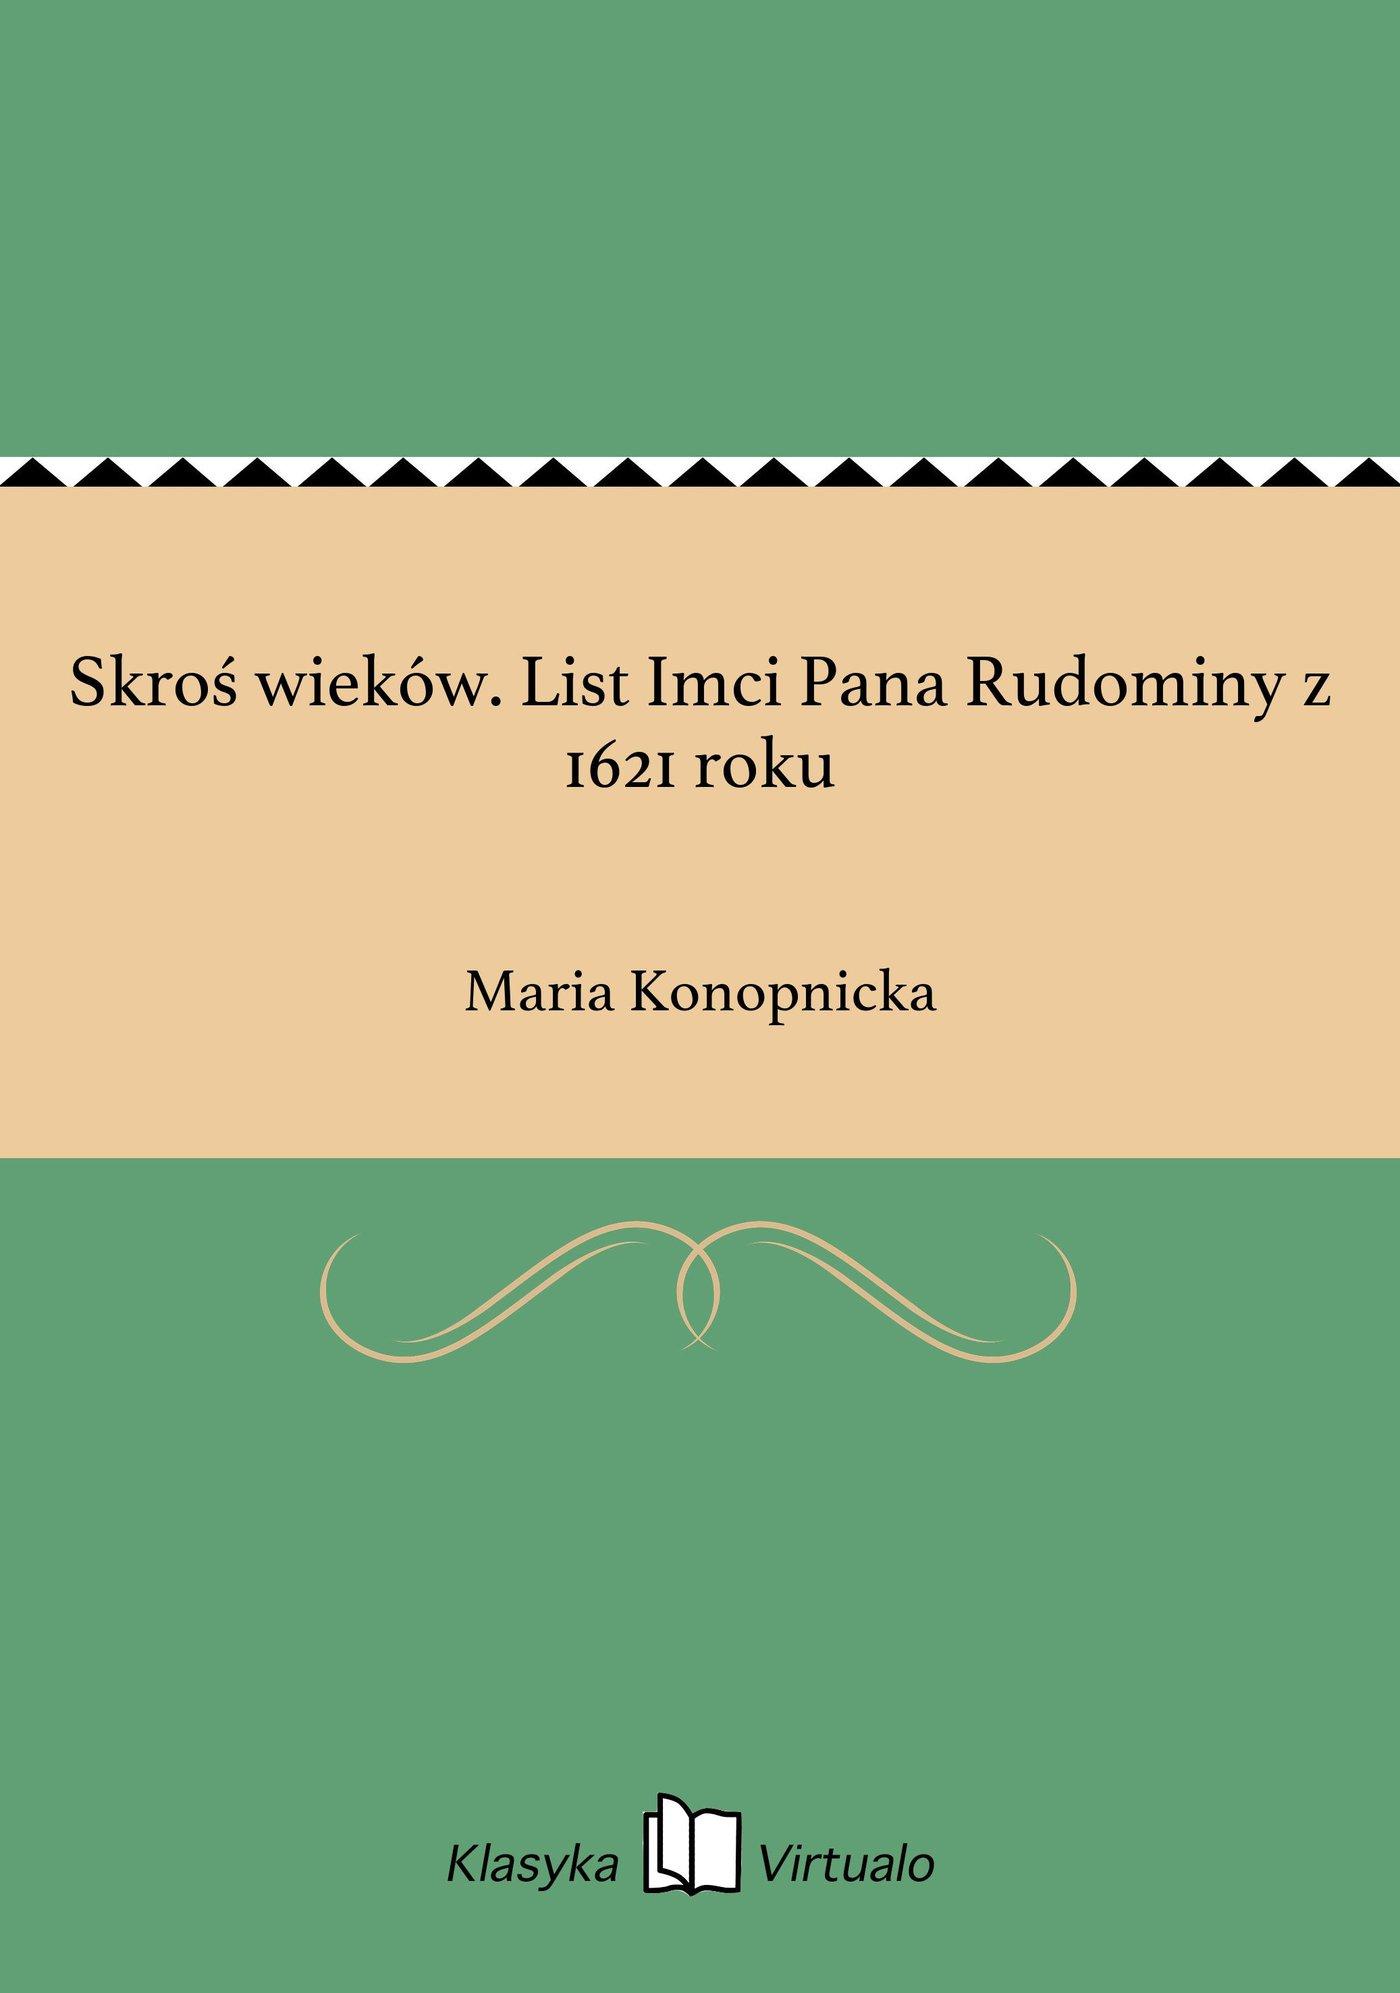 Skroś wieków. List Imci Pana Rudominy z 1621 roku - Ebook (Książka EPUB) do pobrania w formacie EPUB